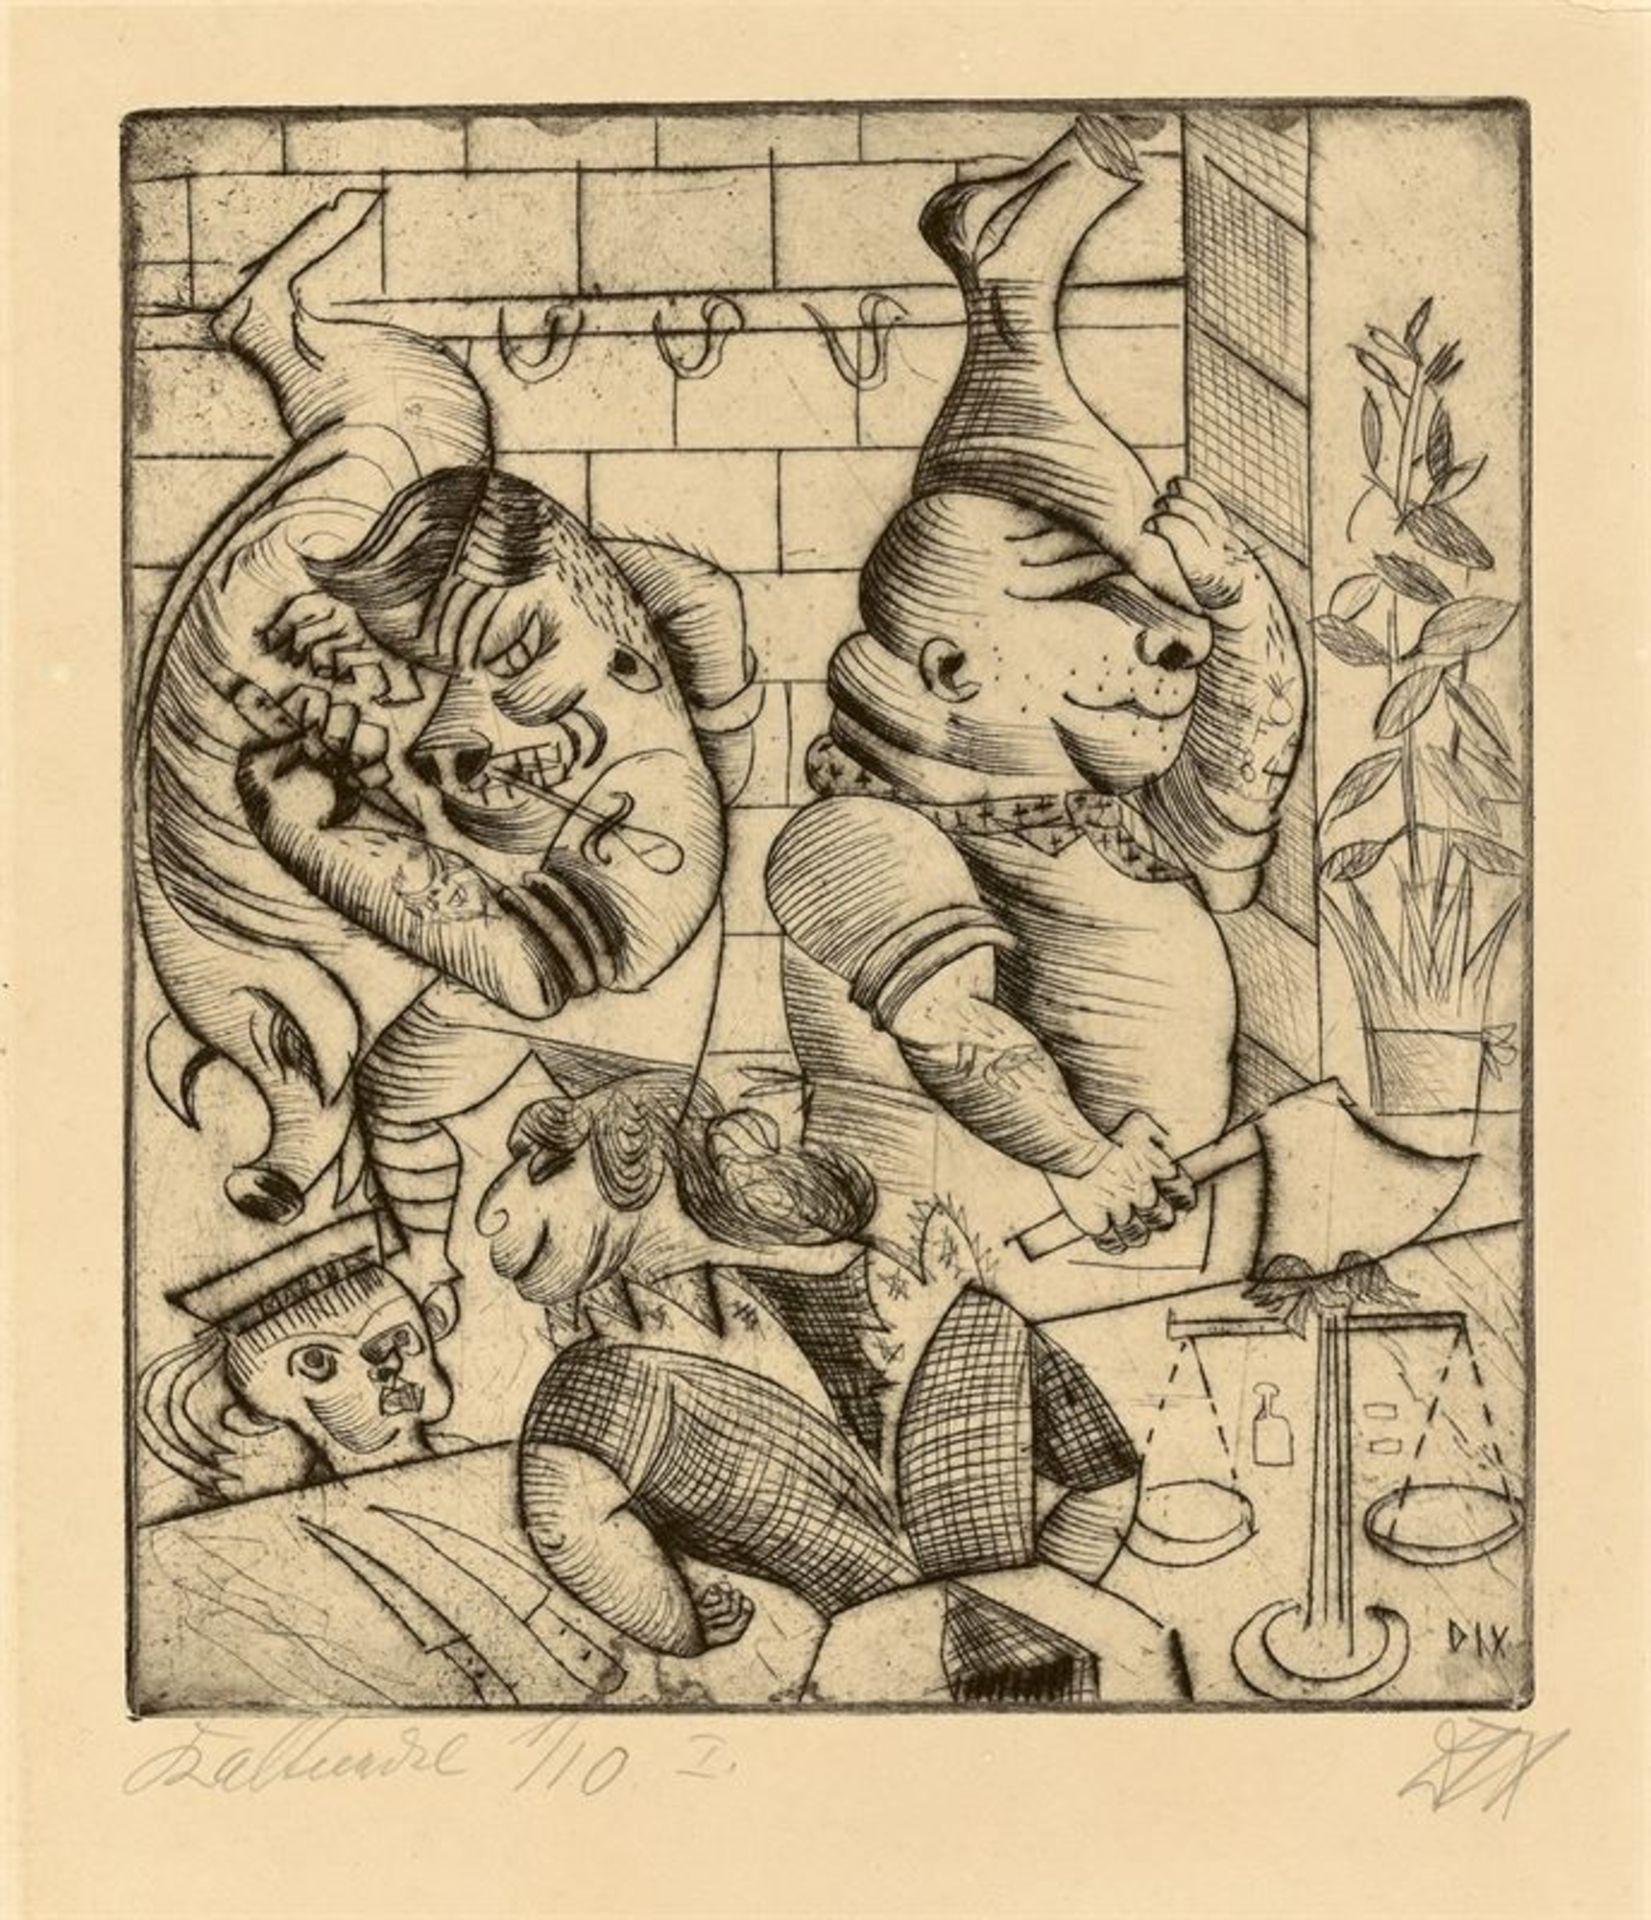 Los 177 - Otto Dix (Gera-Untermhaus 1891 – 1969 Singen)